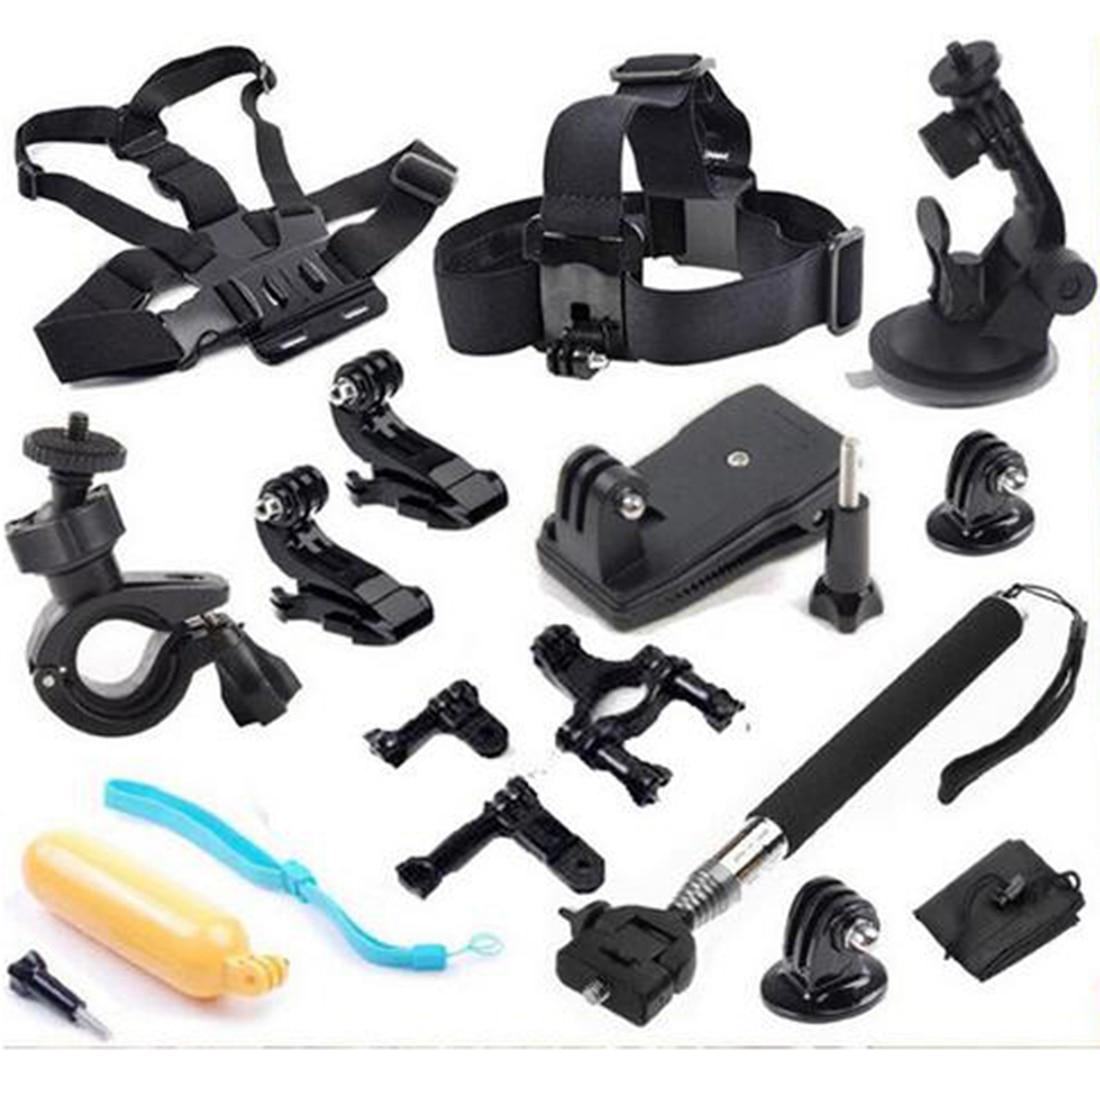 Спортивная Экшн камера Камера аксессуары 12 в 1 Набор Семья комплект экшн камеры Go Pro SJ4000 SJ5000 SJ6000 комплект принадлежностей для GoPro Hero 1 2 3 4